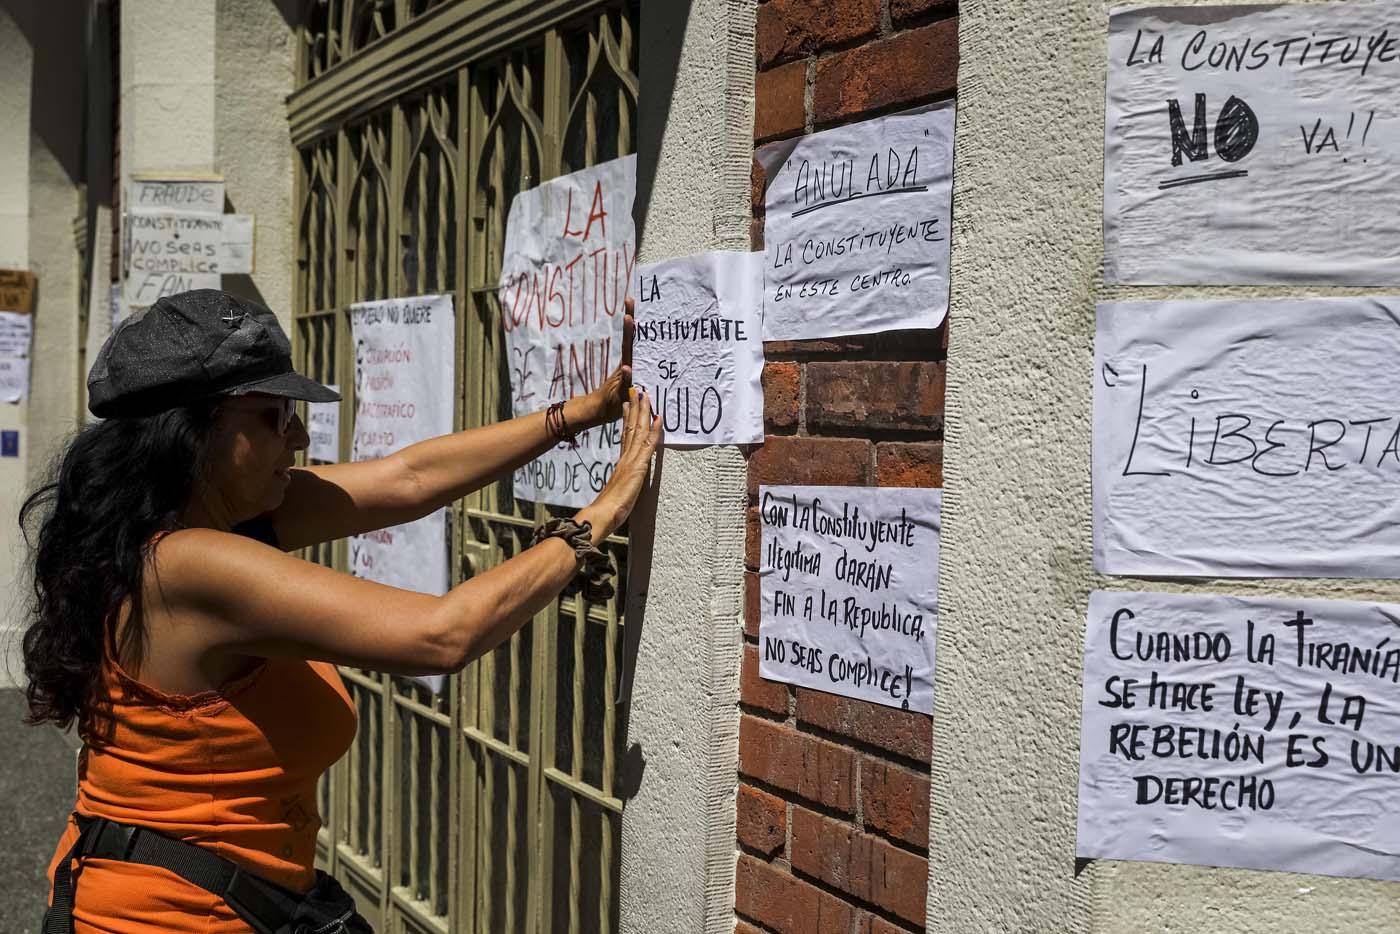 CAR02. CARACAS (VENEZUELA), 24/07/2017.- Una mujer pega carteles en rechazo a la Asamblea Constituyente hoy, lunes 24 de julio de 2017, en una verja de Caracas (Venezuela). Venezuela inicia hoy la semana decisiva para la elección de la Asamblea Nacional Constituyente convocada por el presidente, Nicolás Maduro, con los oficialistas entrando en la recta final de su campaña en medio de protestas y llamados a paro de los opositores en rechazo a esos comicios. EFE/Miguel Gutiérrez